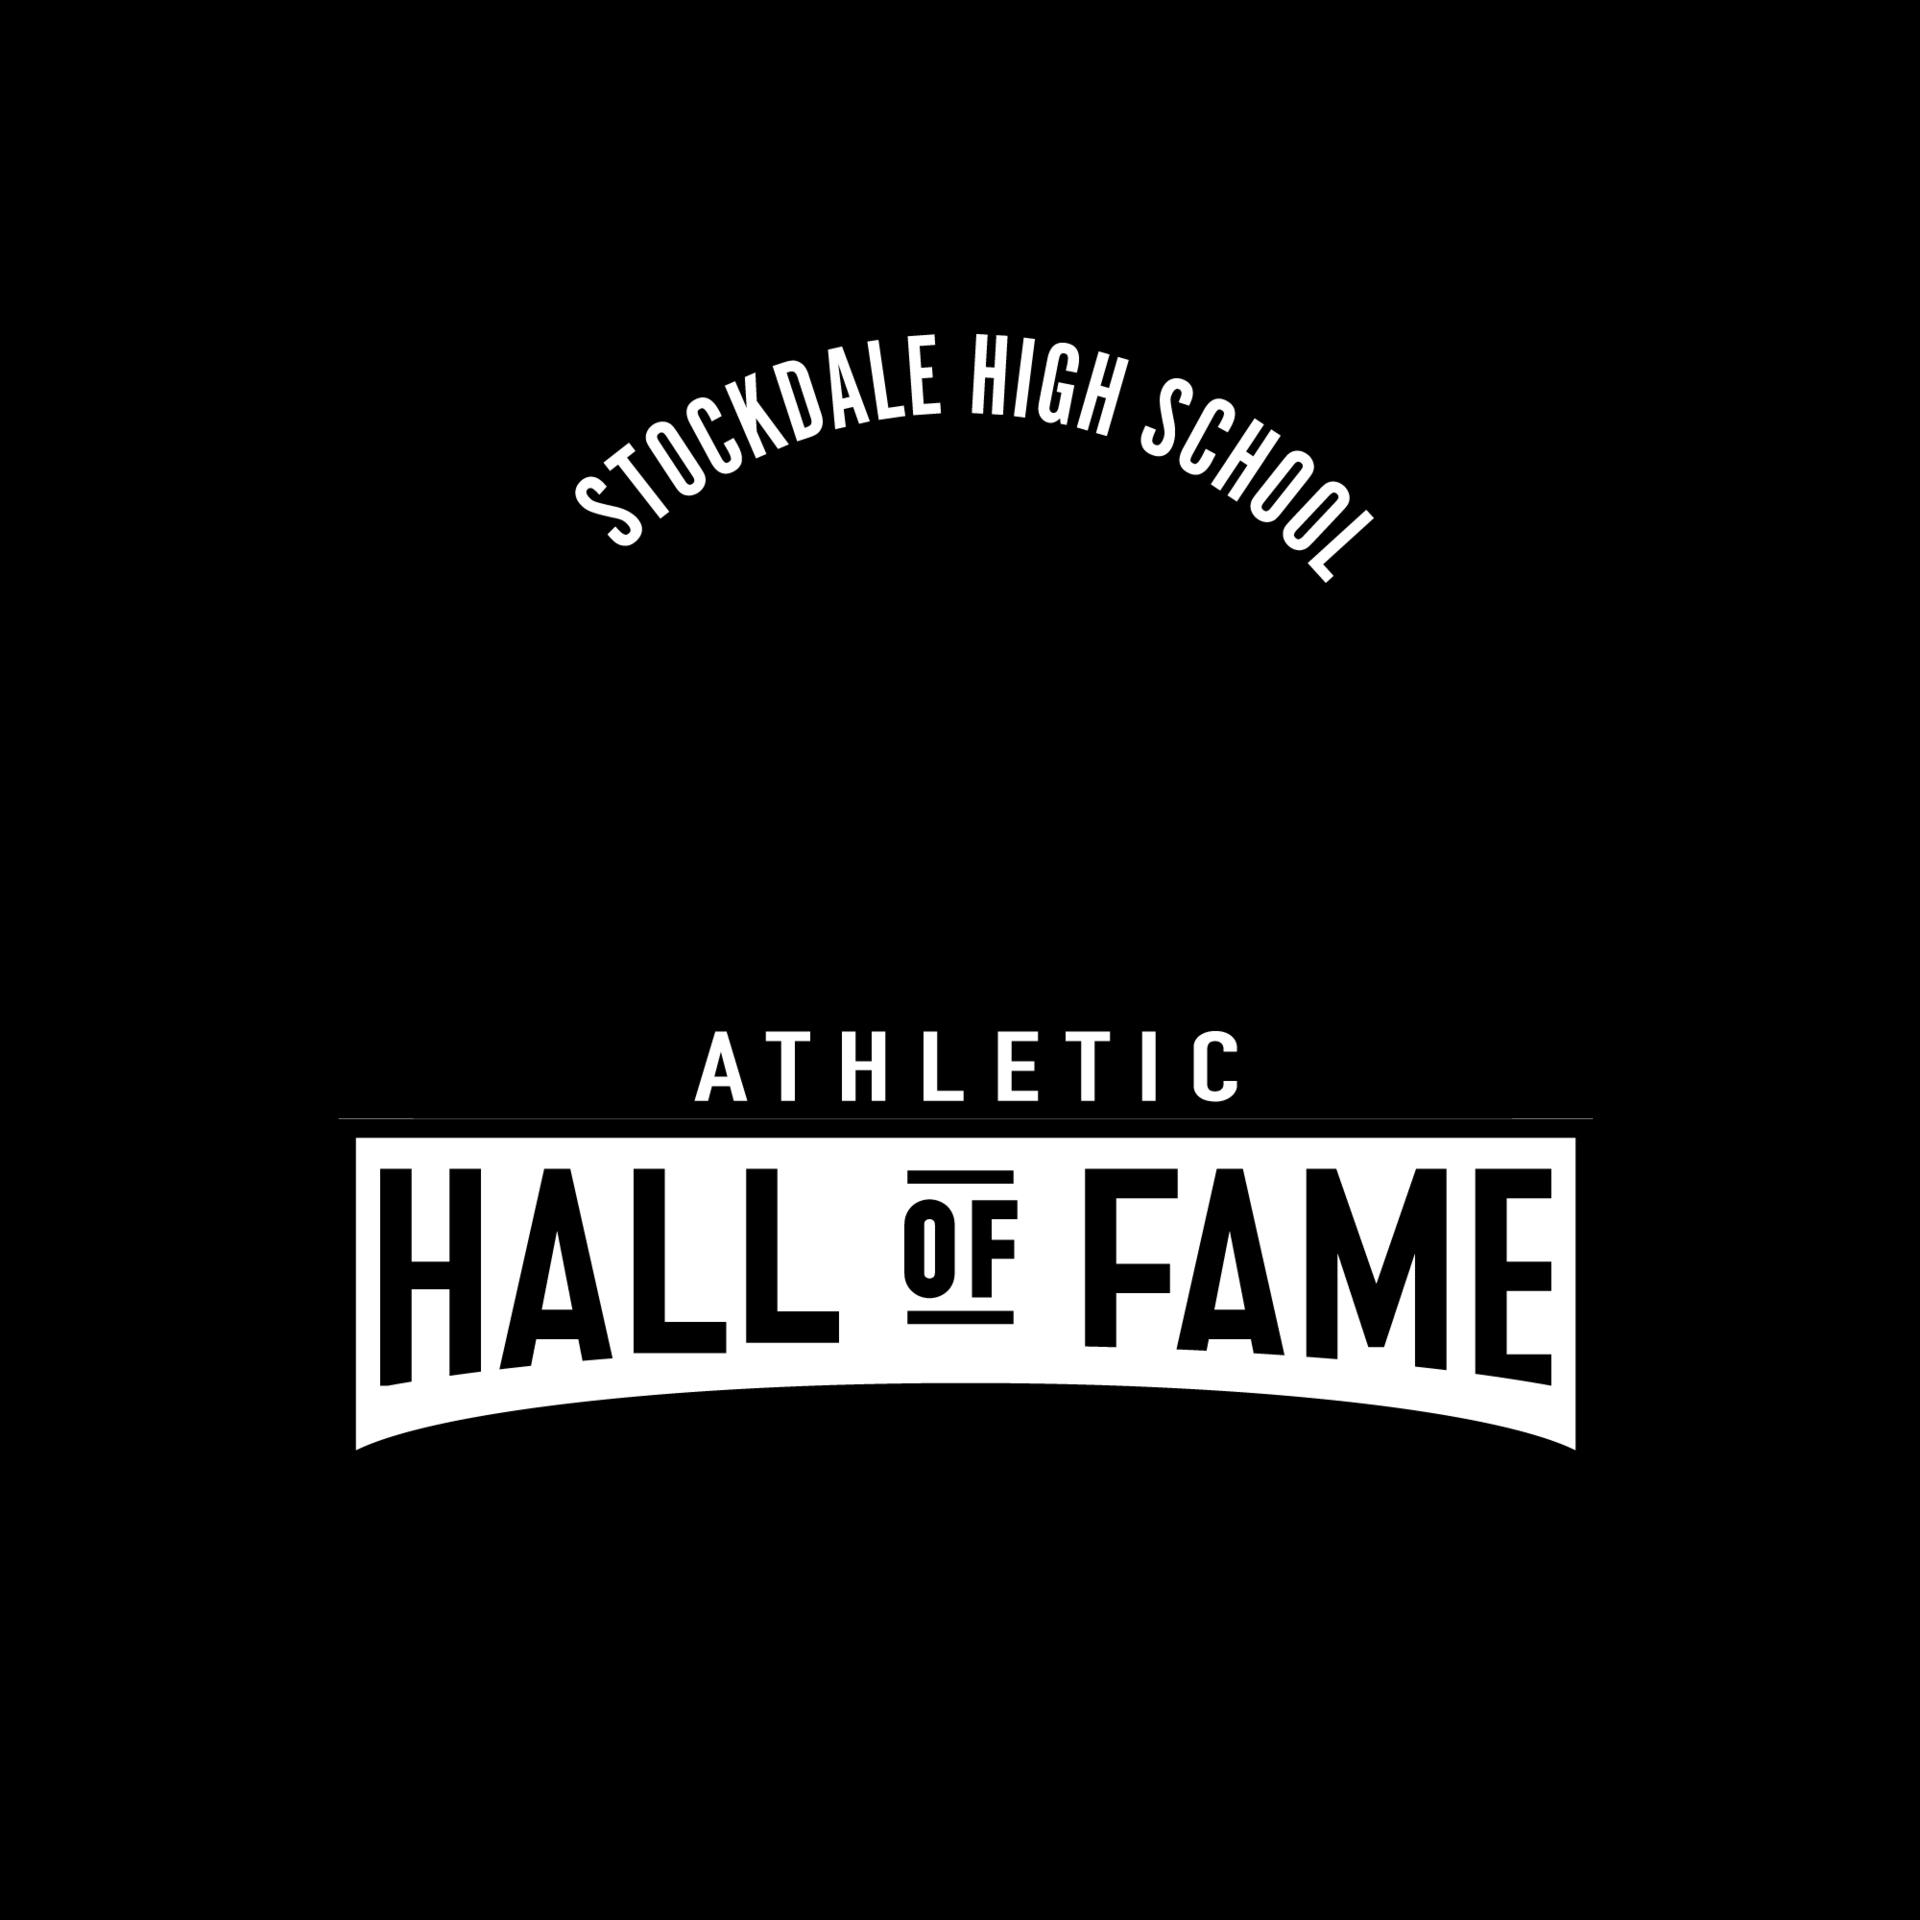 Hall of Fame